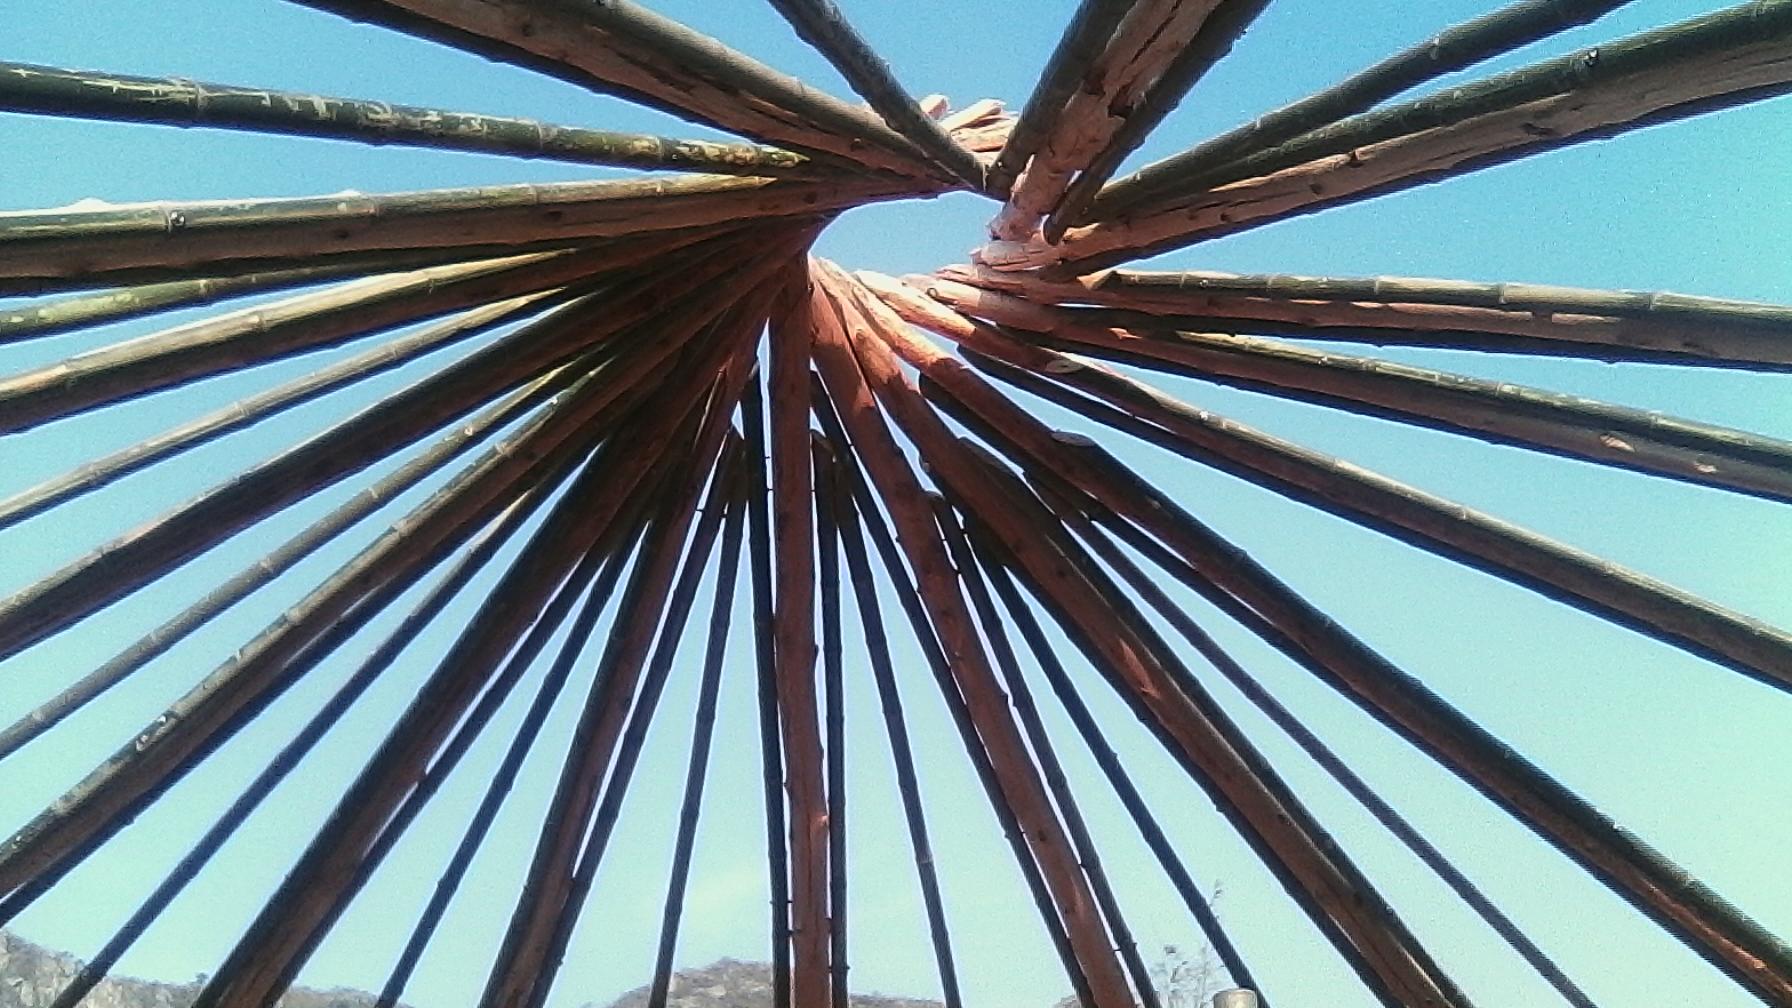 Das Netz der Bambusstäbe soll die Strohpaletten tragen, wichtig ist, dass die Konstruktion innen und außen sichtbar bleibt